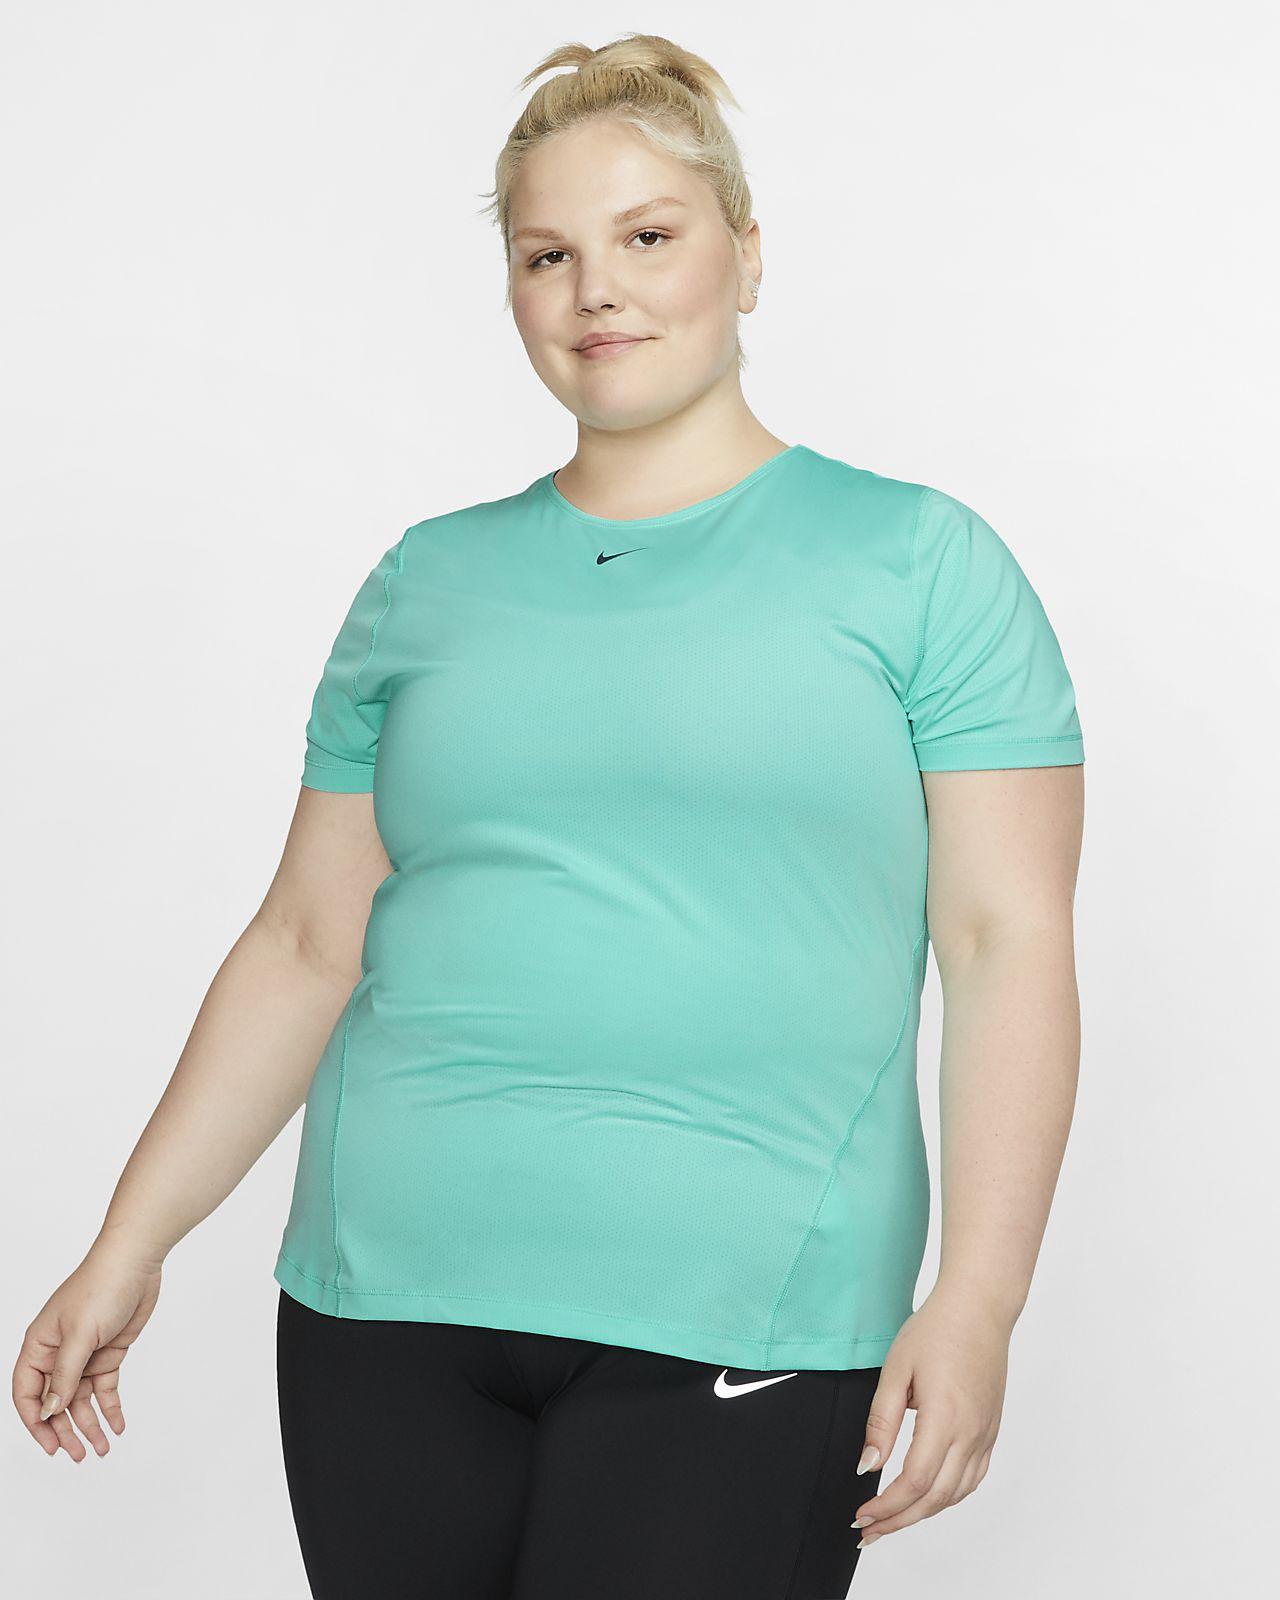 Meshtröja Nike Pro för kvinnor (större storlekar)